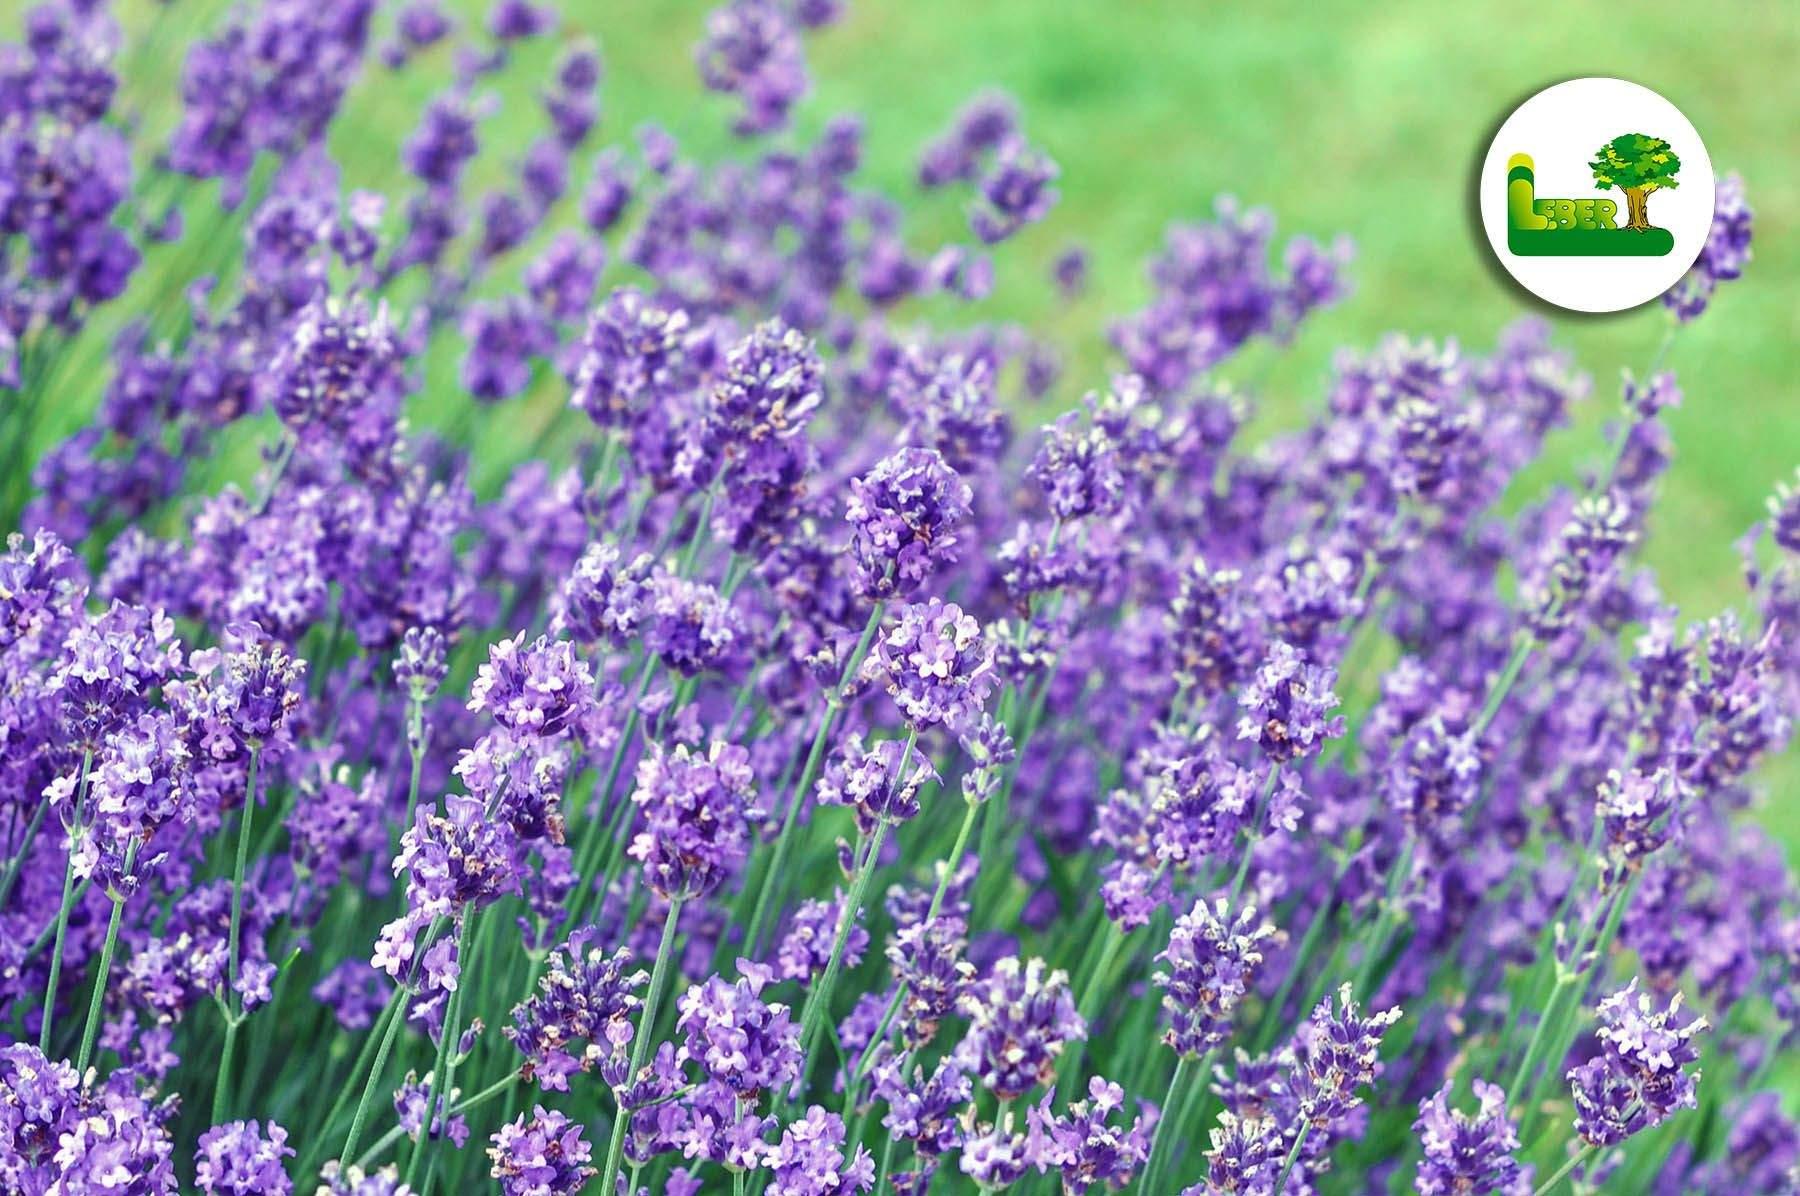 ingwer im garten luxus lavendel im garten pflanzen of ingwer im garten